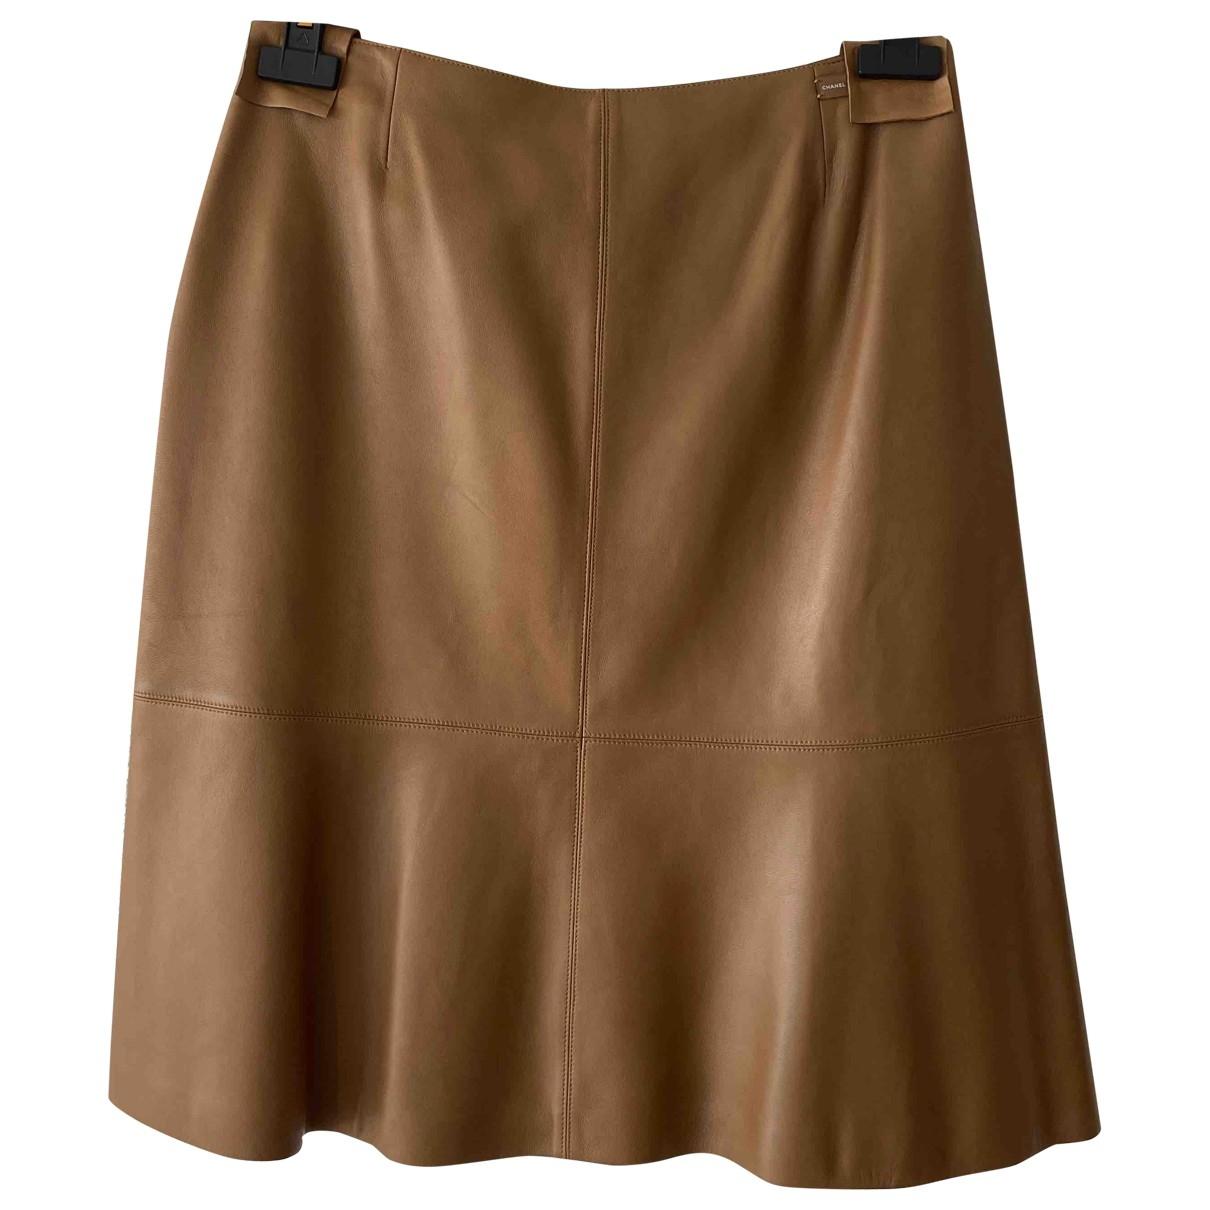 Chanel \N Camel Leather skirt for Women 40 FR